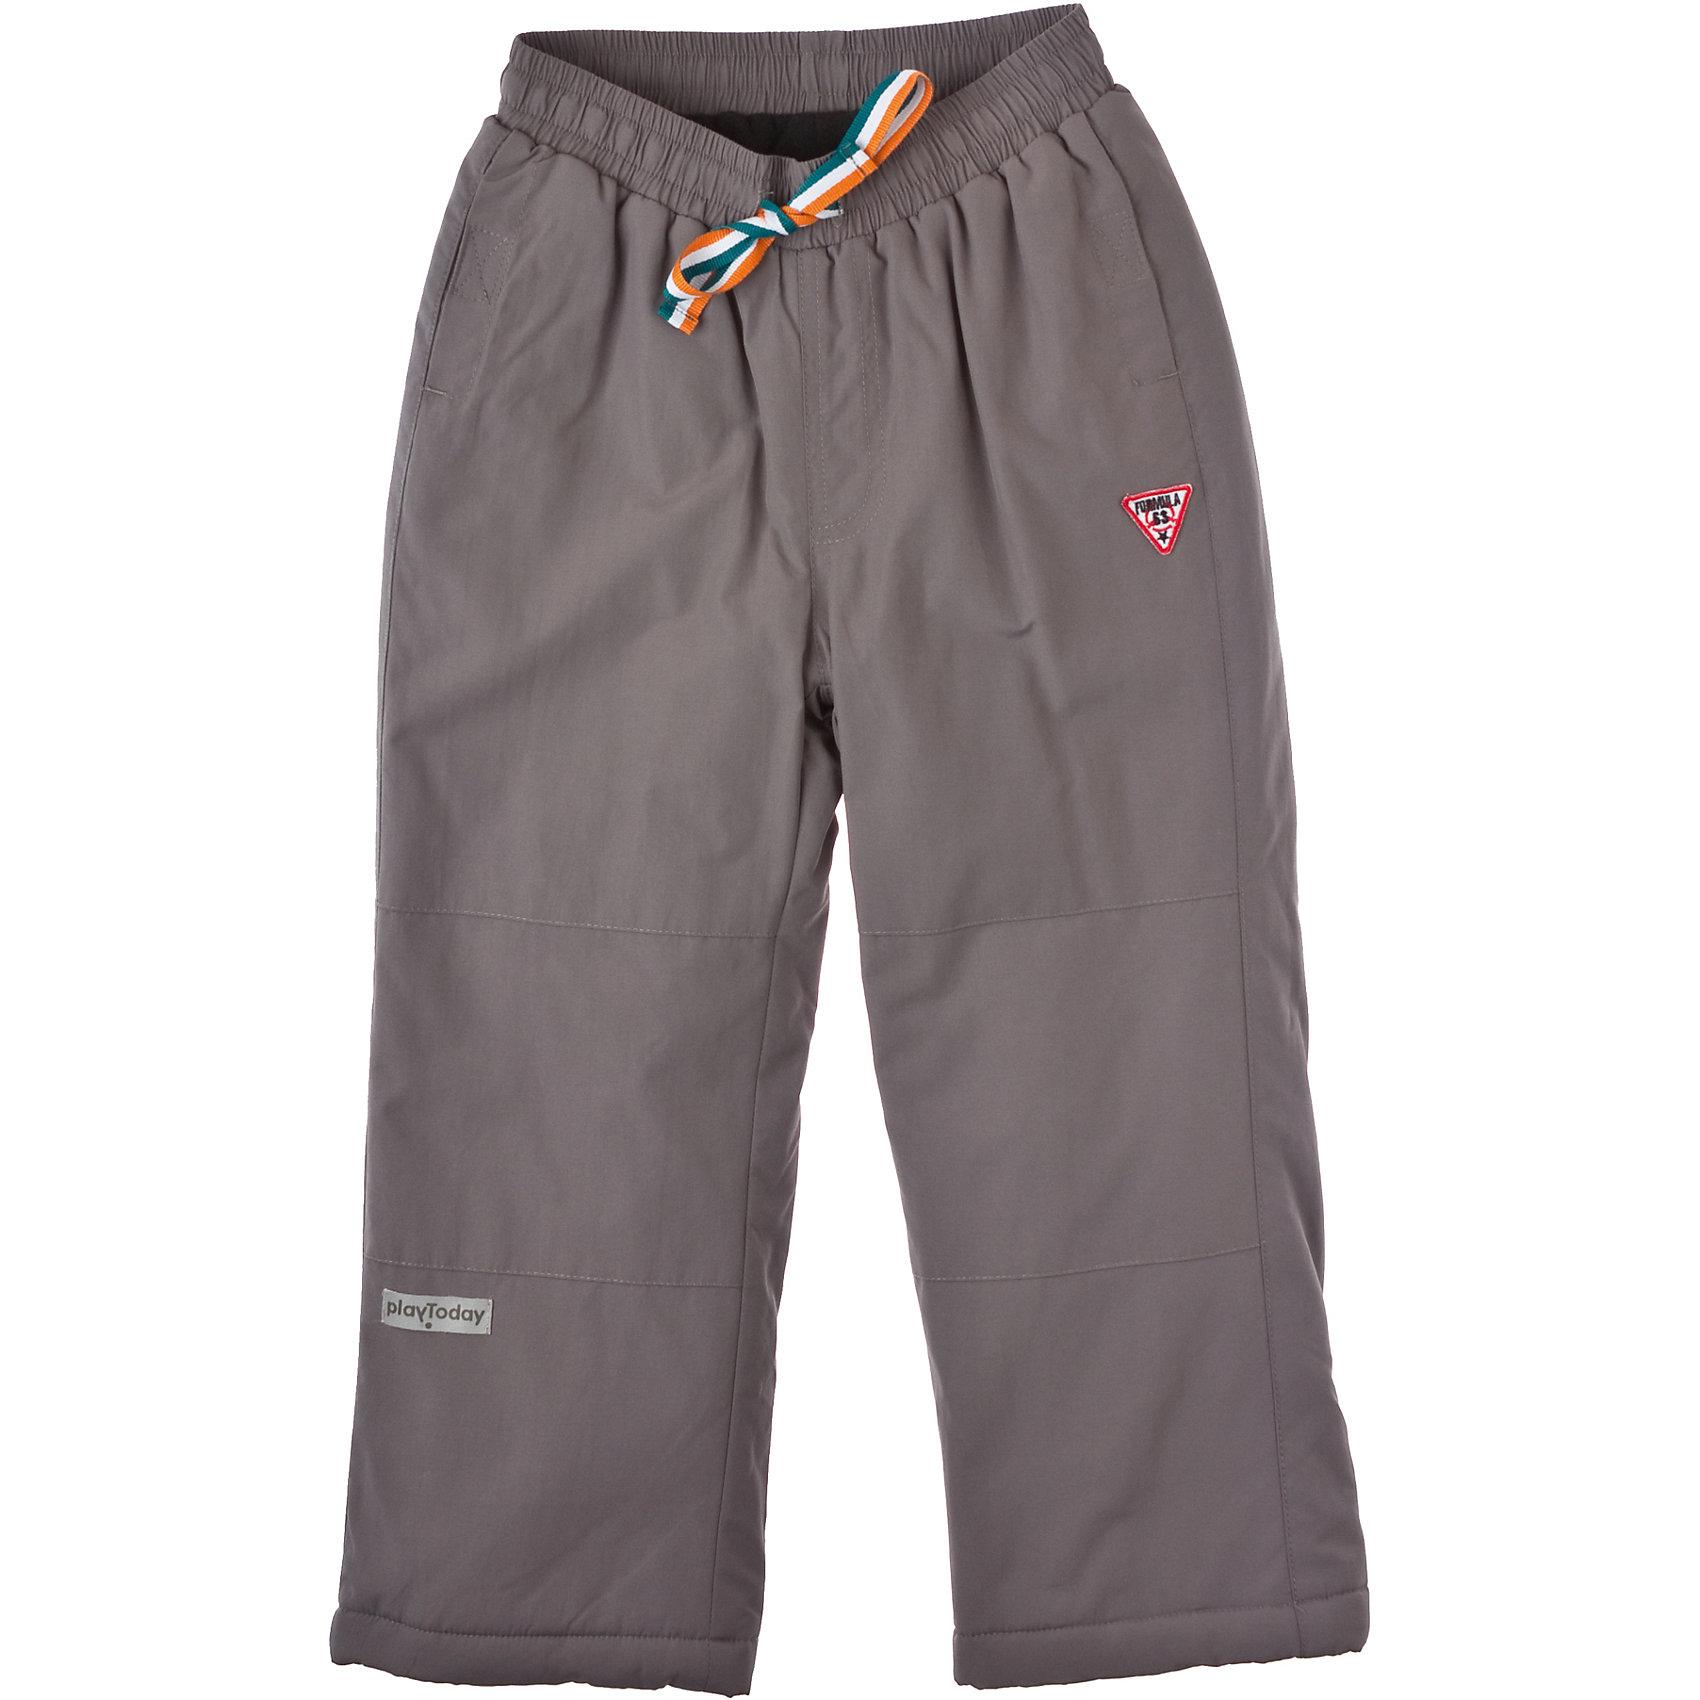 Брюки для мальчика PlayTodayБрюки для мальчика PlayToday Утепленные брюки на холодную погоду. Флисовая подкладка вверху изделия, и нейлоновая к низу, что обеспечивает легкое одевание. Пояс - на резинке, с завязками. Состав: Верх: 100% нейлон, подкладка: 100% полиэстер, наполнитель: 100% полиэстер<br><br>Ширина мм: 215<br>Глубина мм: 88<br>Высота мм: 191<br>Вес г: 336<br>Цвет: серый<br>Возраст от месяцев: 72<br>Возраст до месяцев: 84<br>Пол: Мужской<br>Возраст: Детский<br>Размер: 122,128,104,110,116,98<br>SKU: 4227533